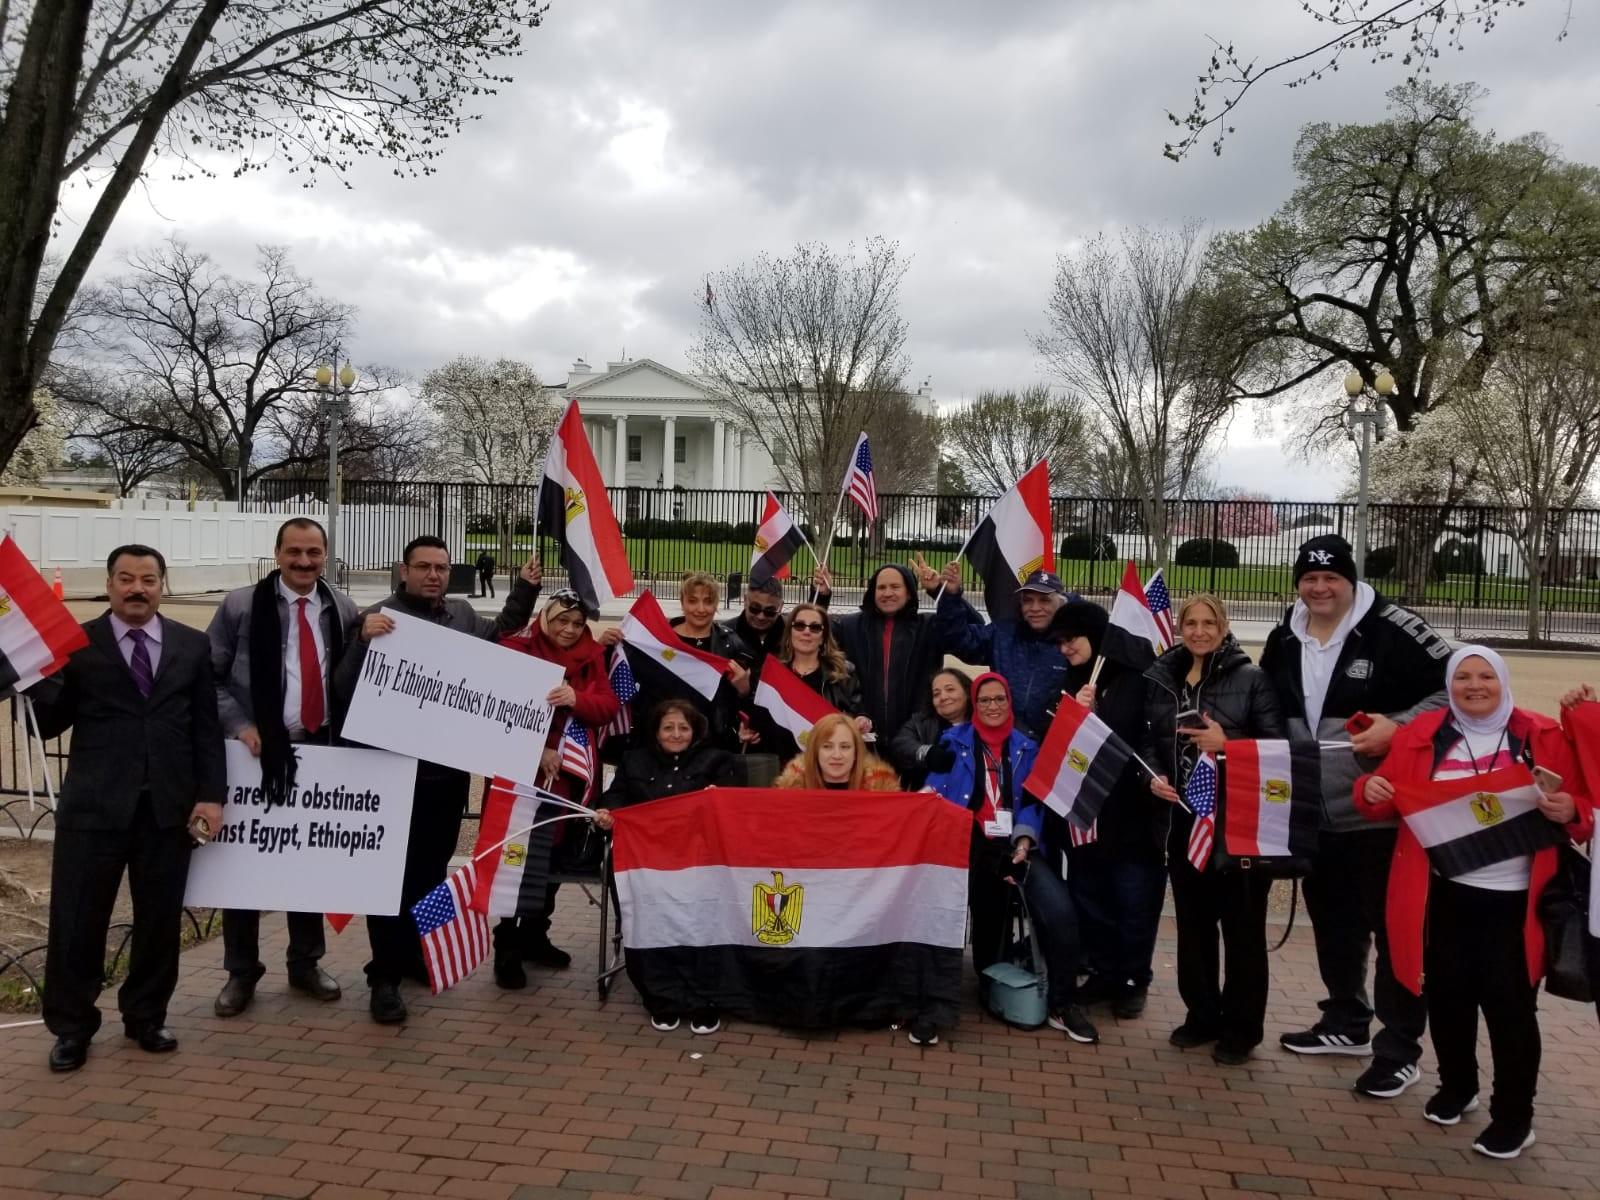 وقفة الجالية المصرية في امريكا للمطالبة بحقوق مصر المائية